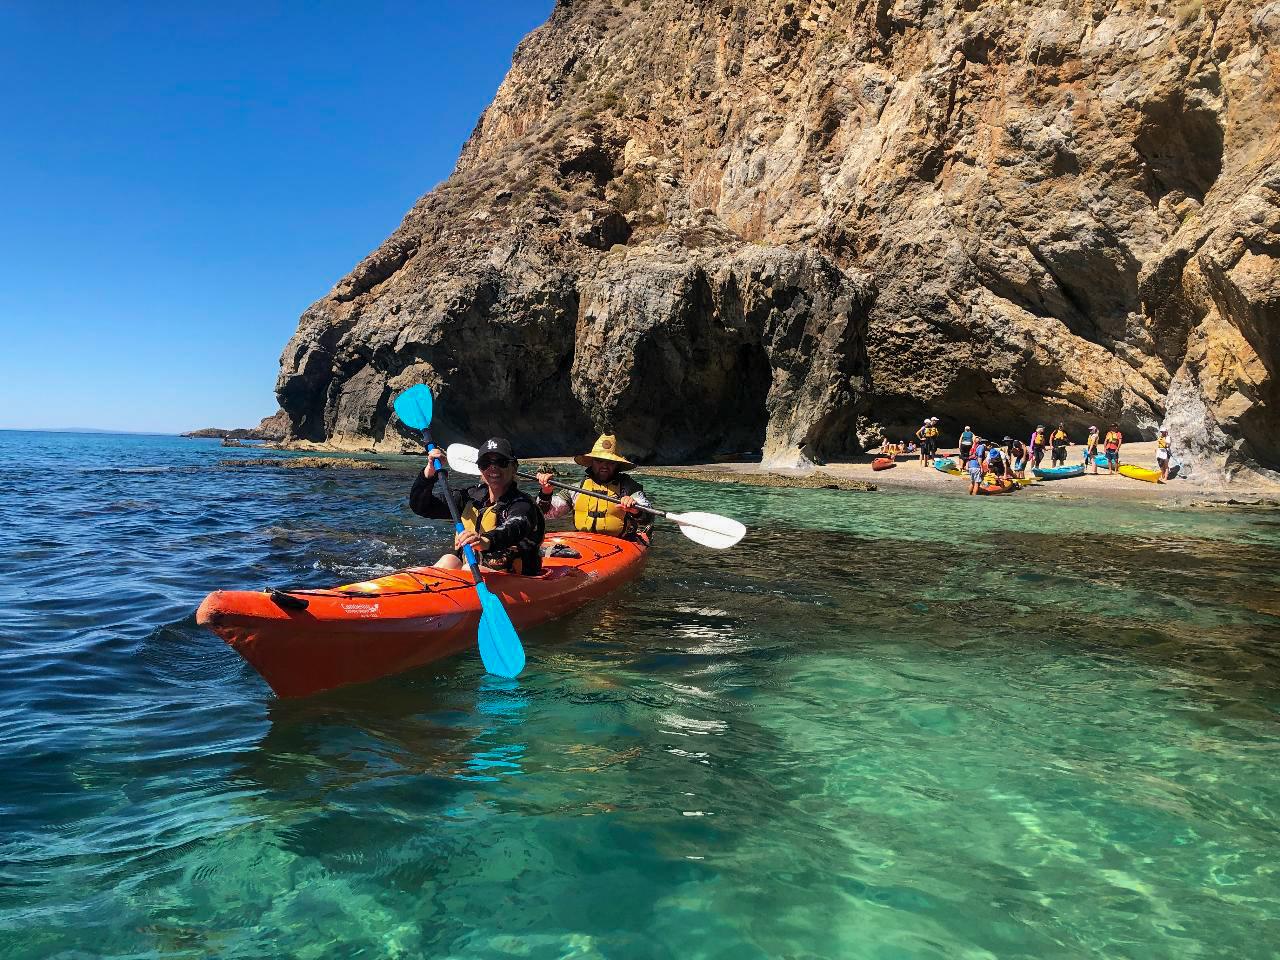 Rapid Bay Sea Kayaking Tour